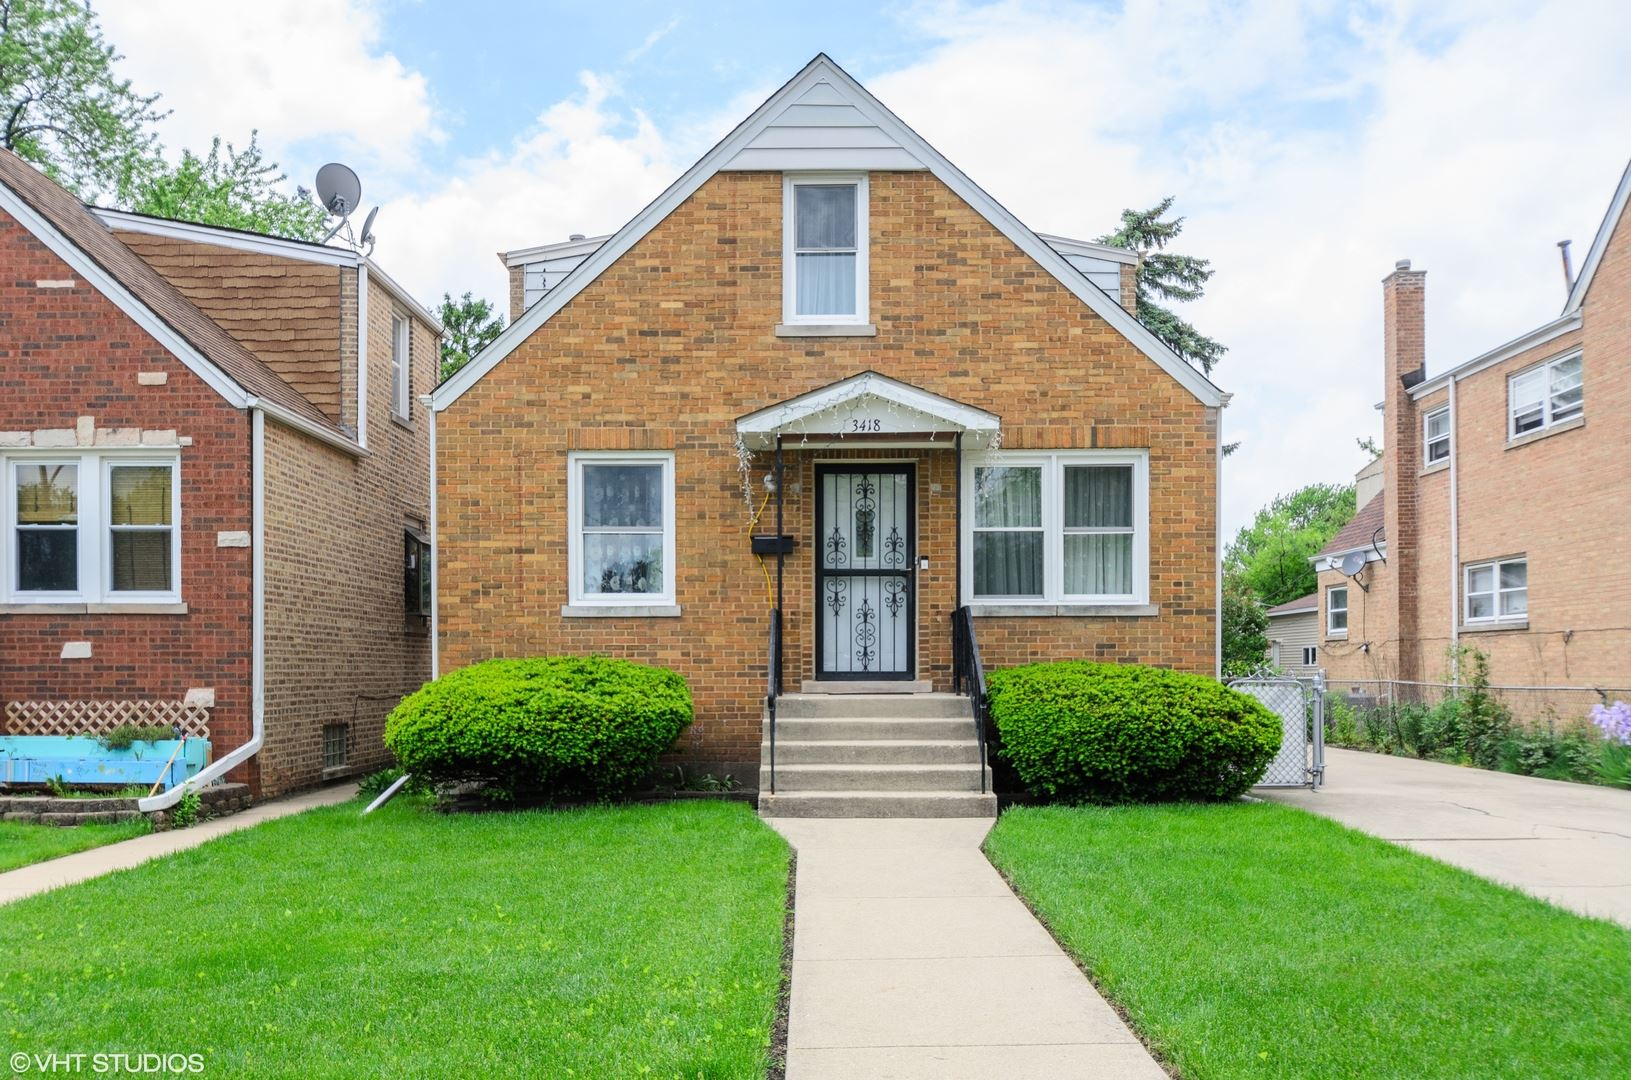 3418 N Olcott Avenue, Chicago, IL 60634 - #: 10723950